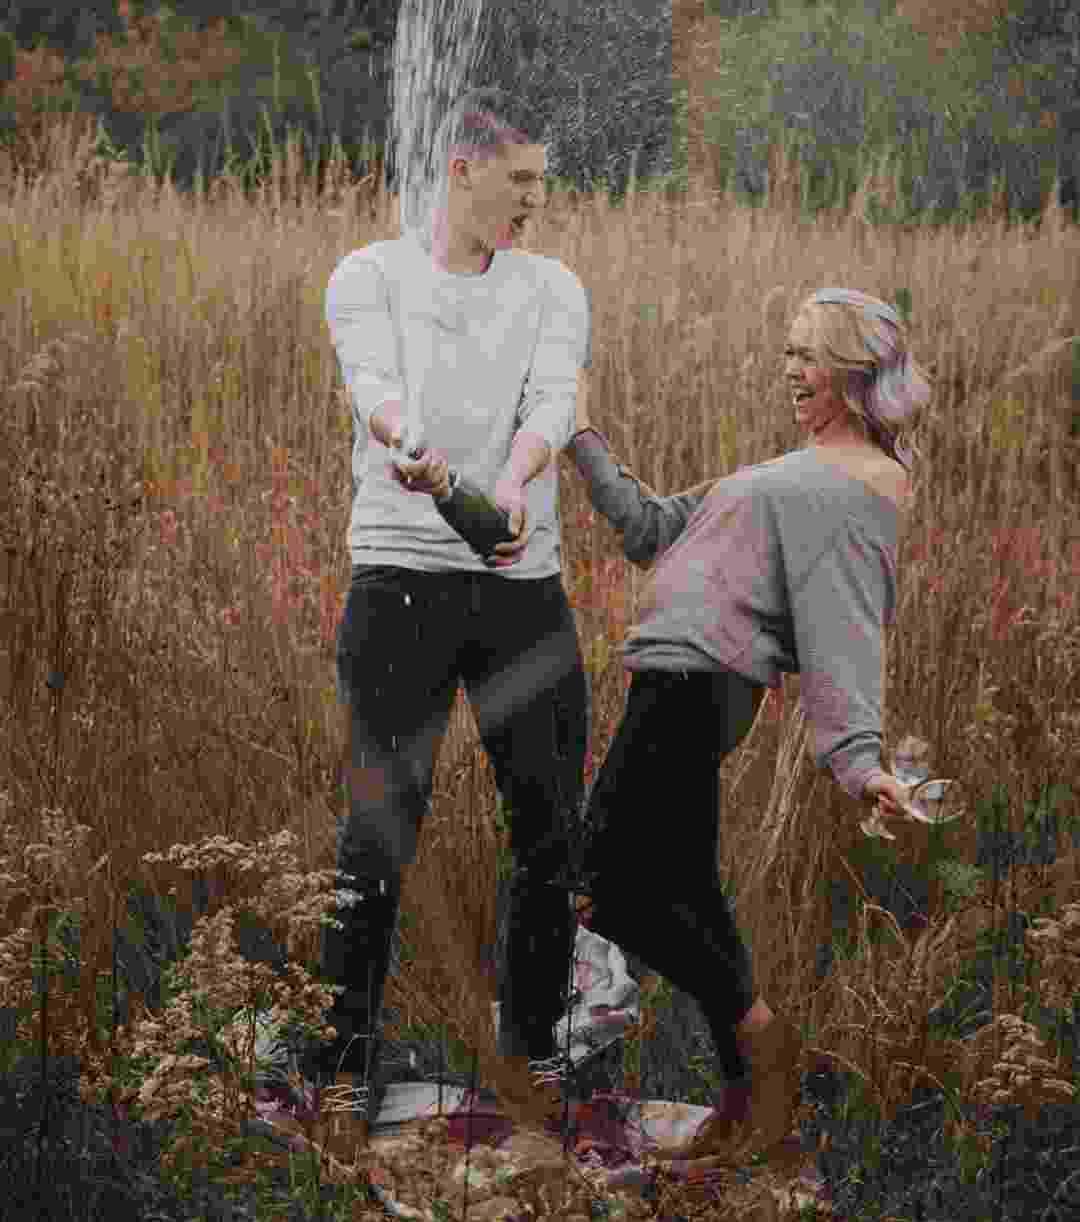 Alyssa Snodsmith e Collin Hewett tentaram uma foto romântico, mas erro viralizou na web - Reprodução/Instagram